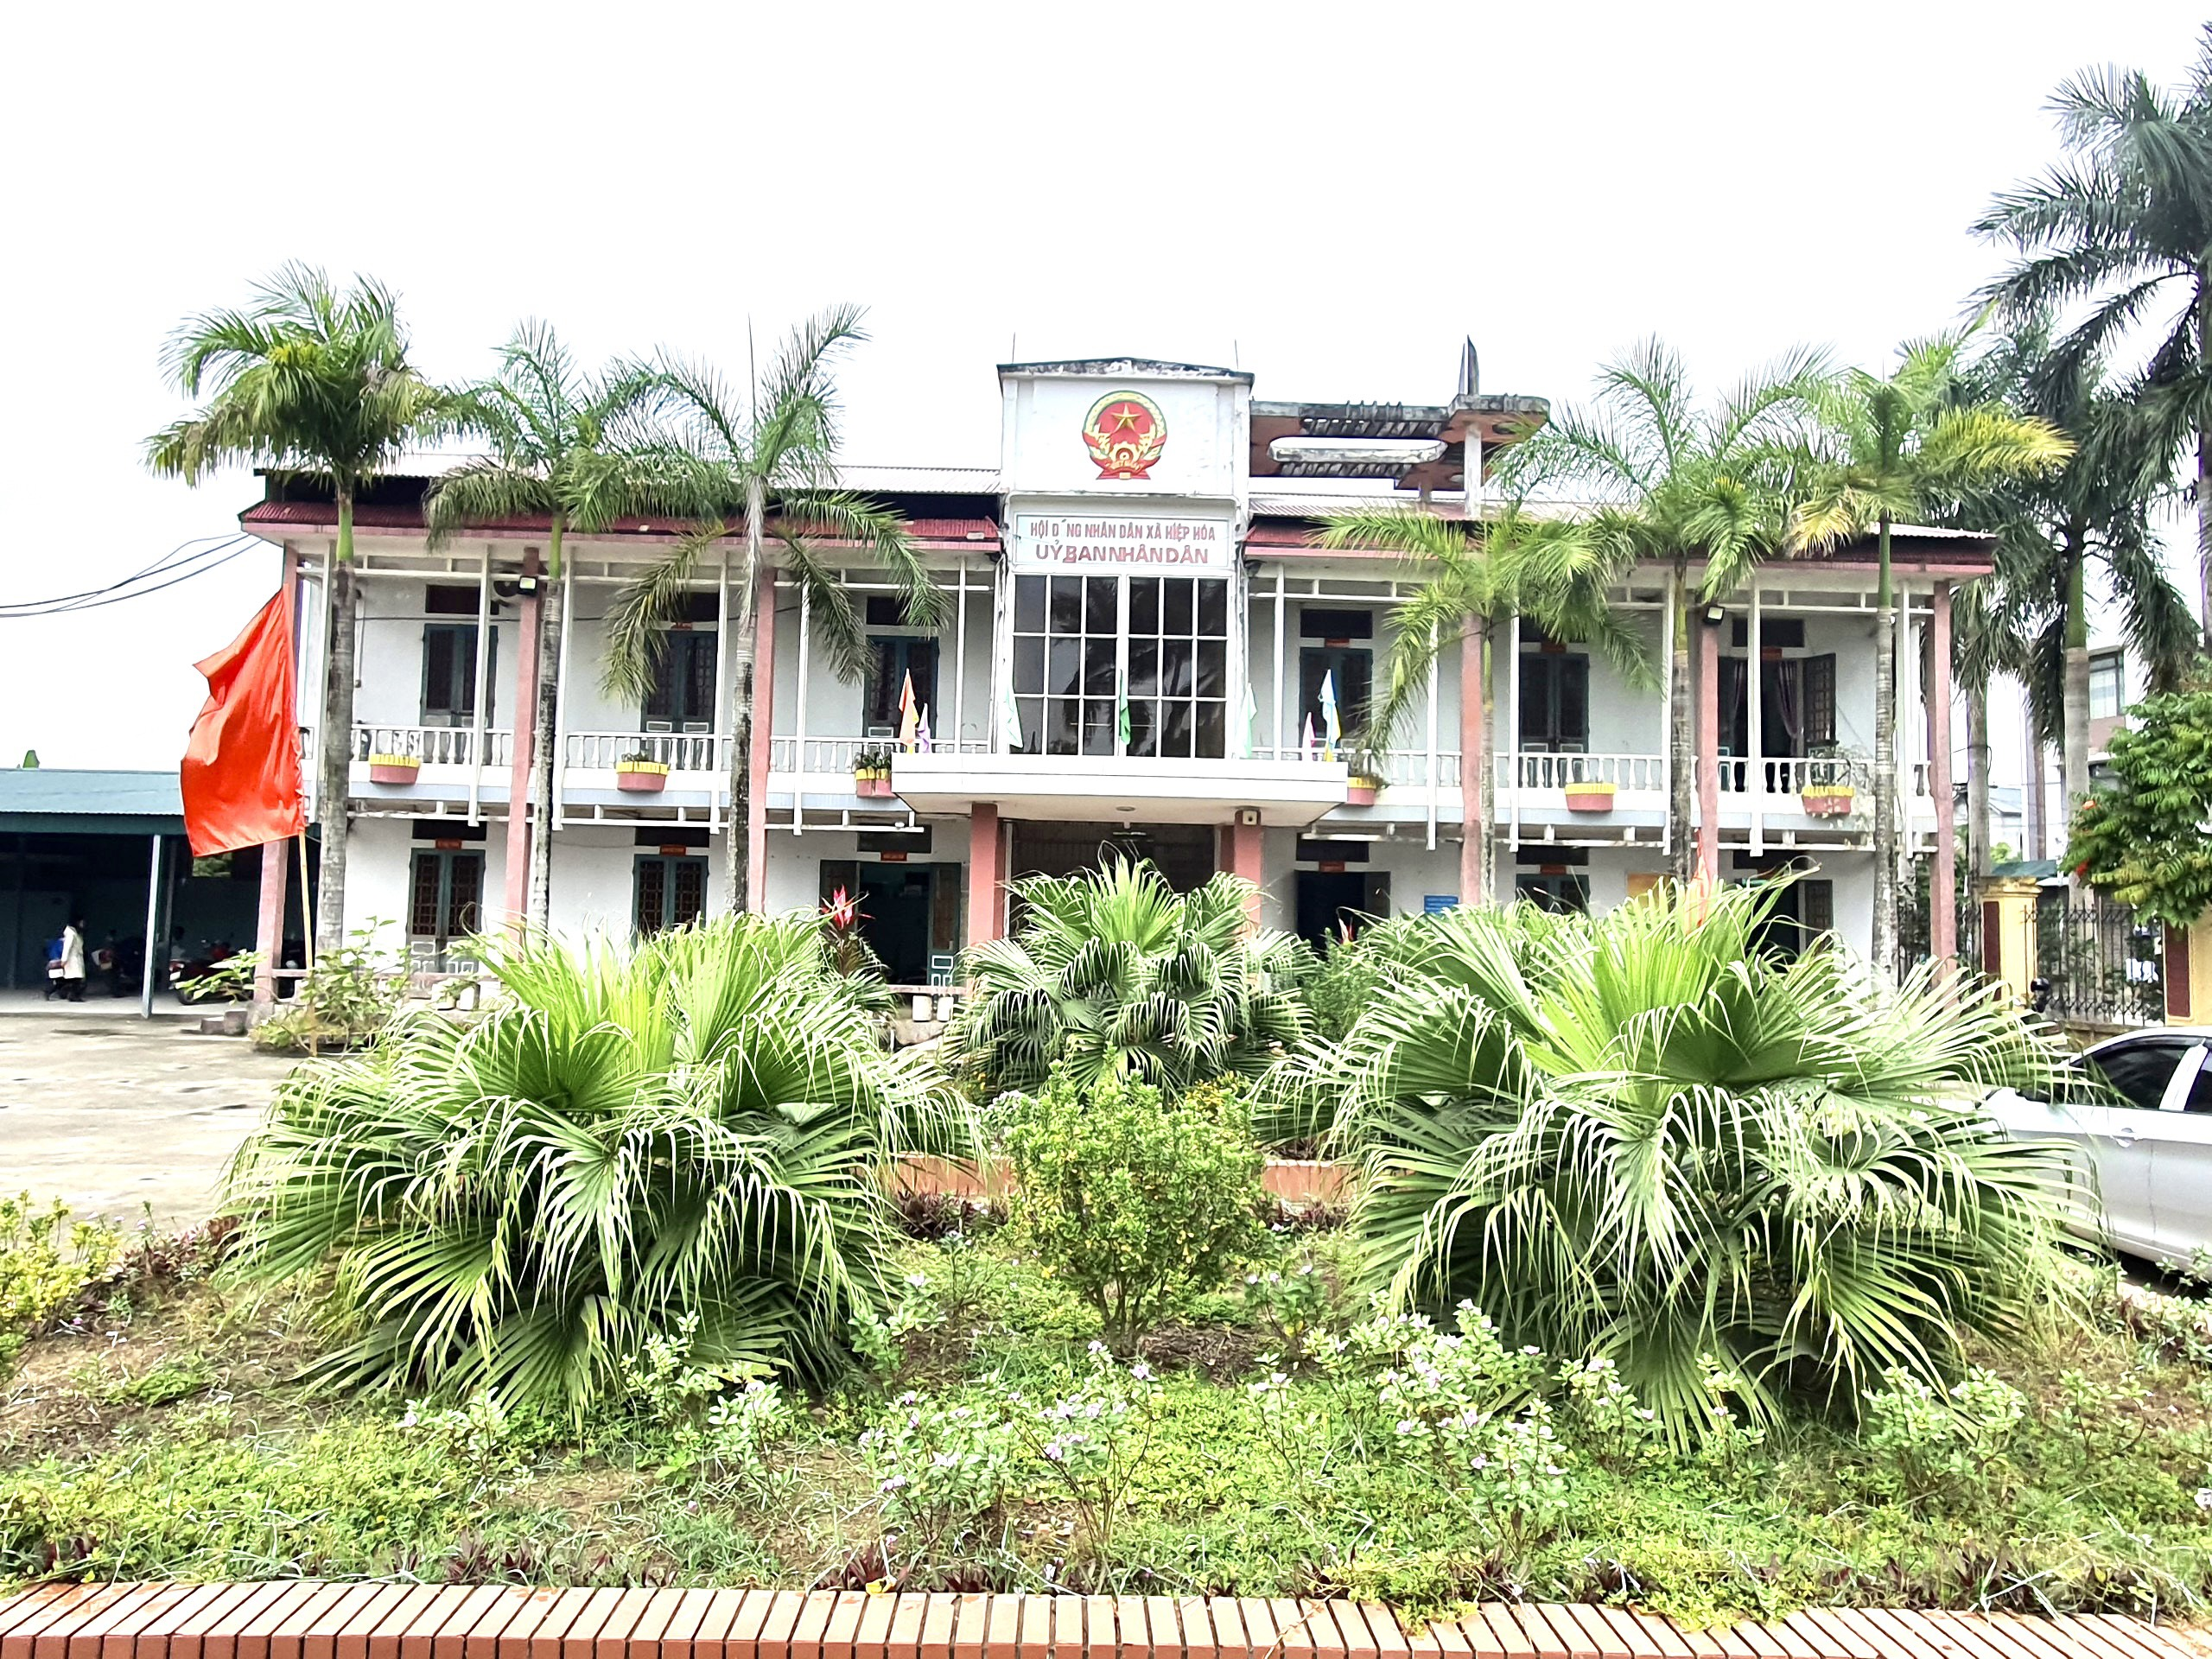 UBND xã Hiệp Hòa, huyện Vũ Thư, tỉnh Thái Bình.